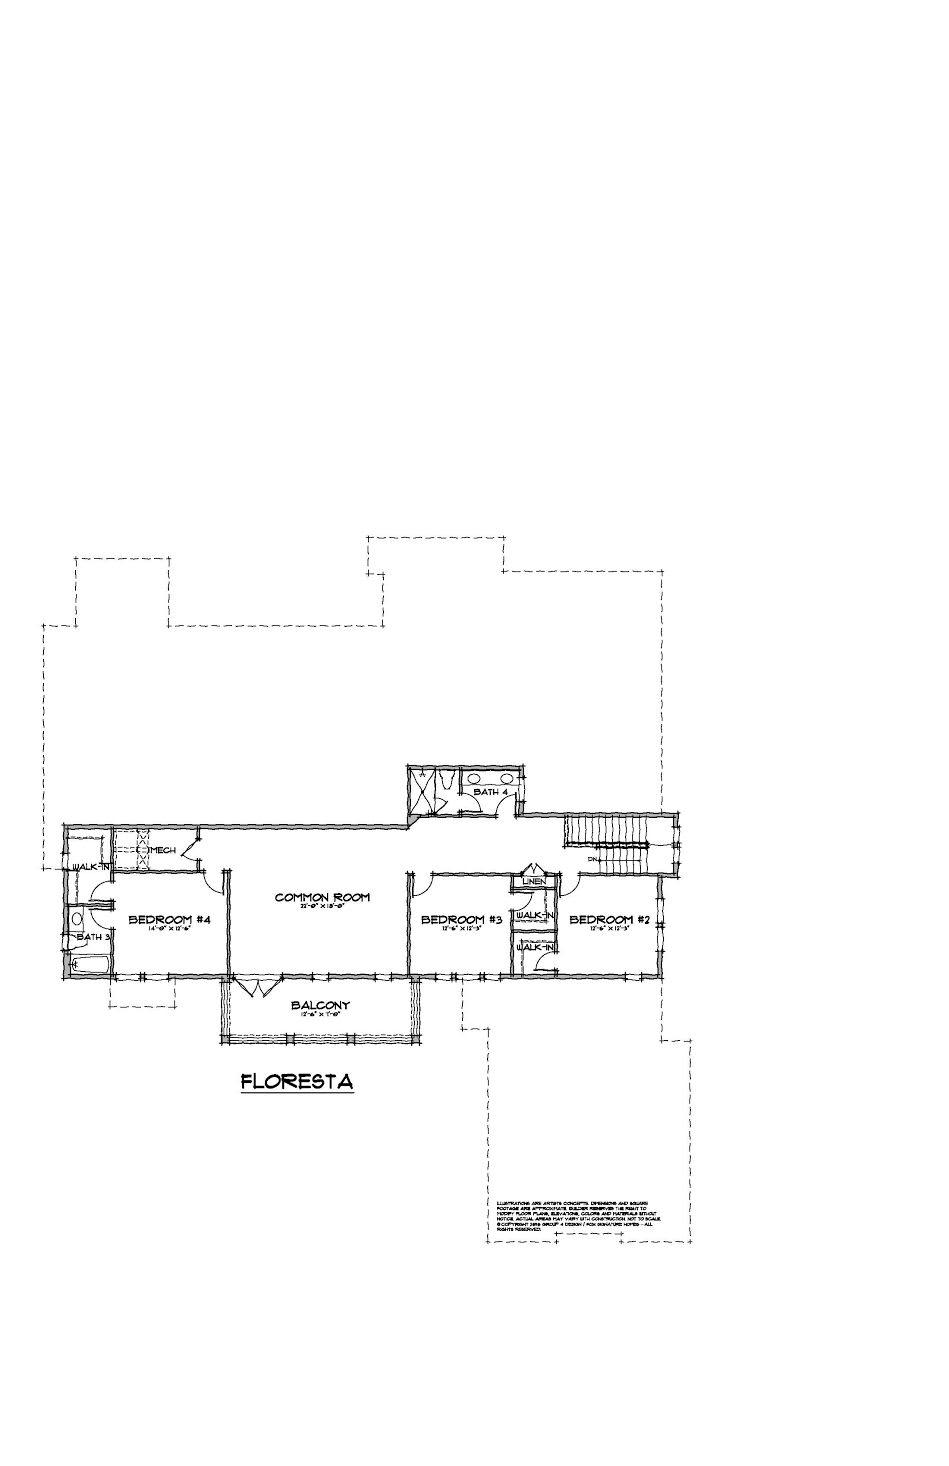 Floresta Floorplan 2nd Floor.jpg